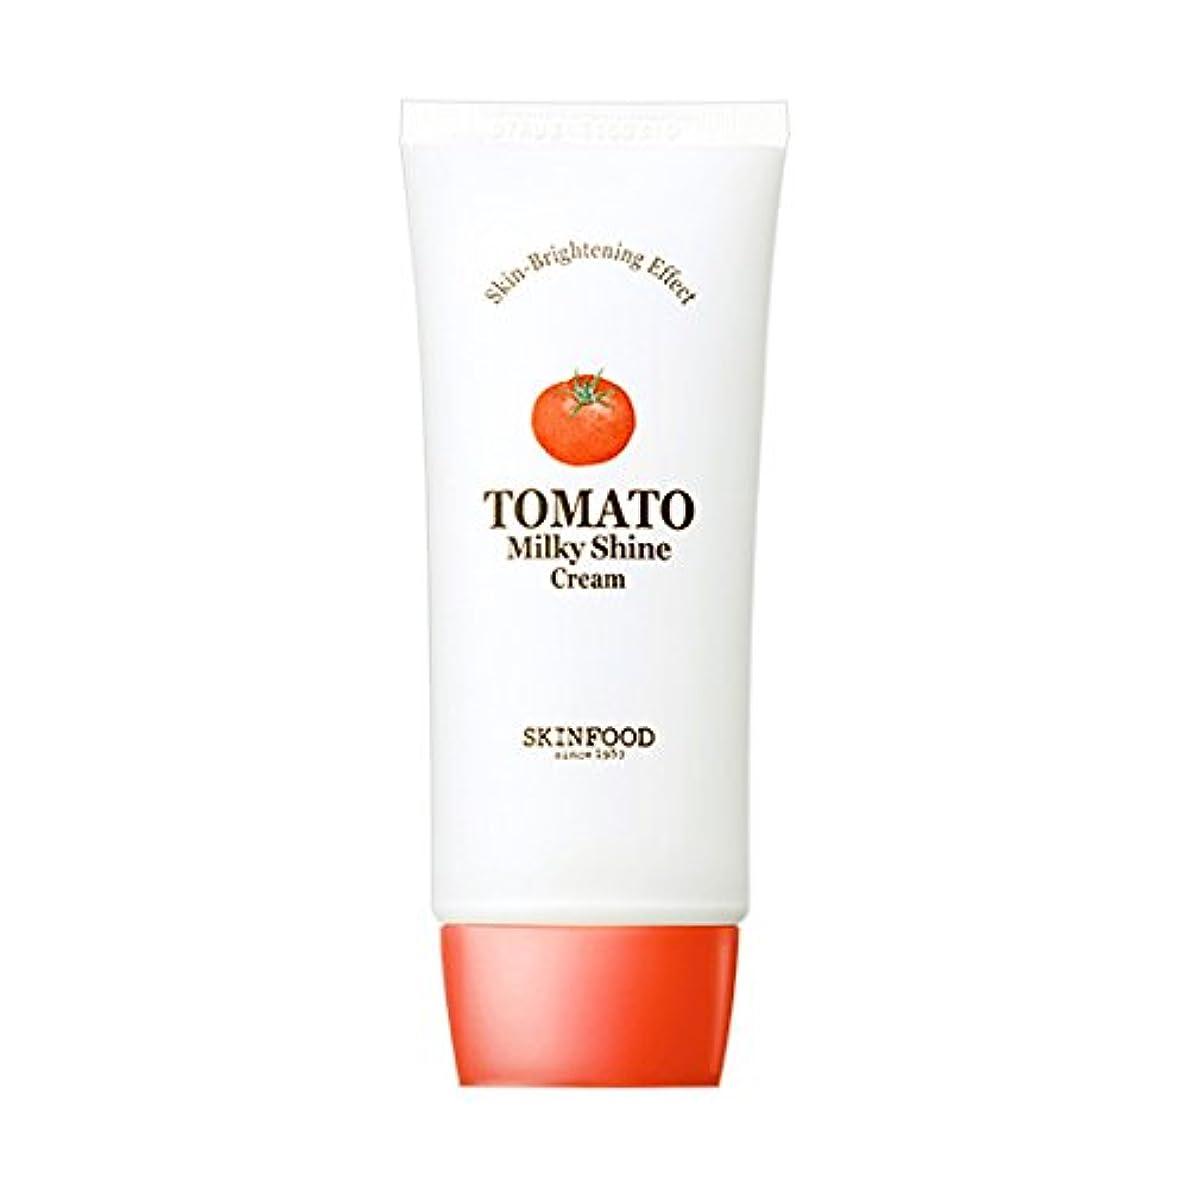 ショートビジュアルテクニカルSkinfood トマトミルキーシャインクリーム/omato Milky Shine Cream 50ml [並行輸入品]